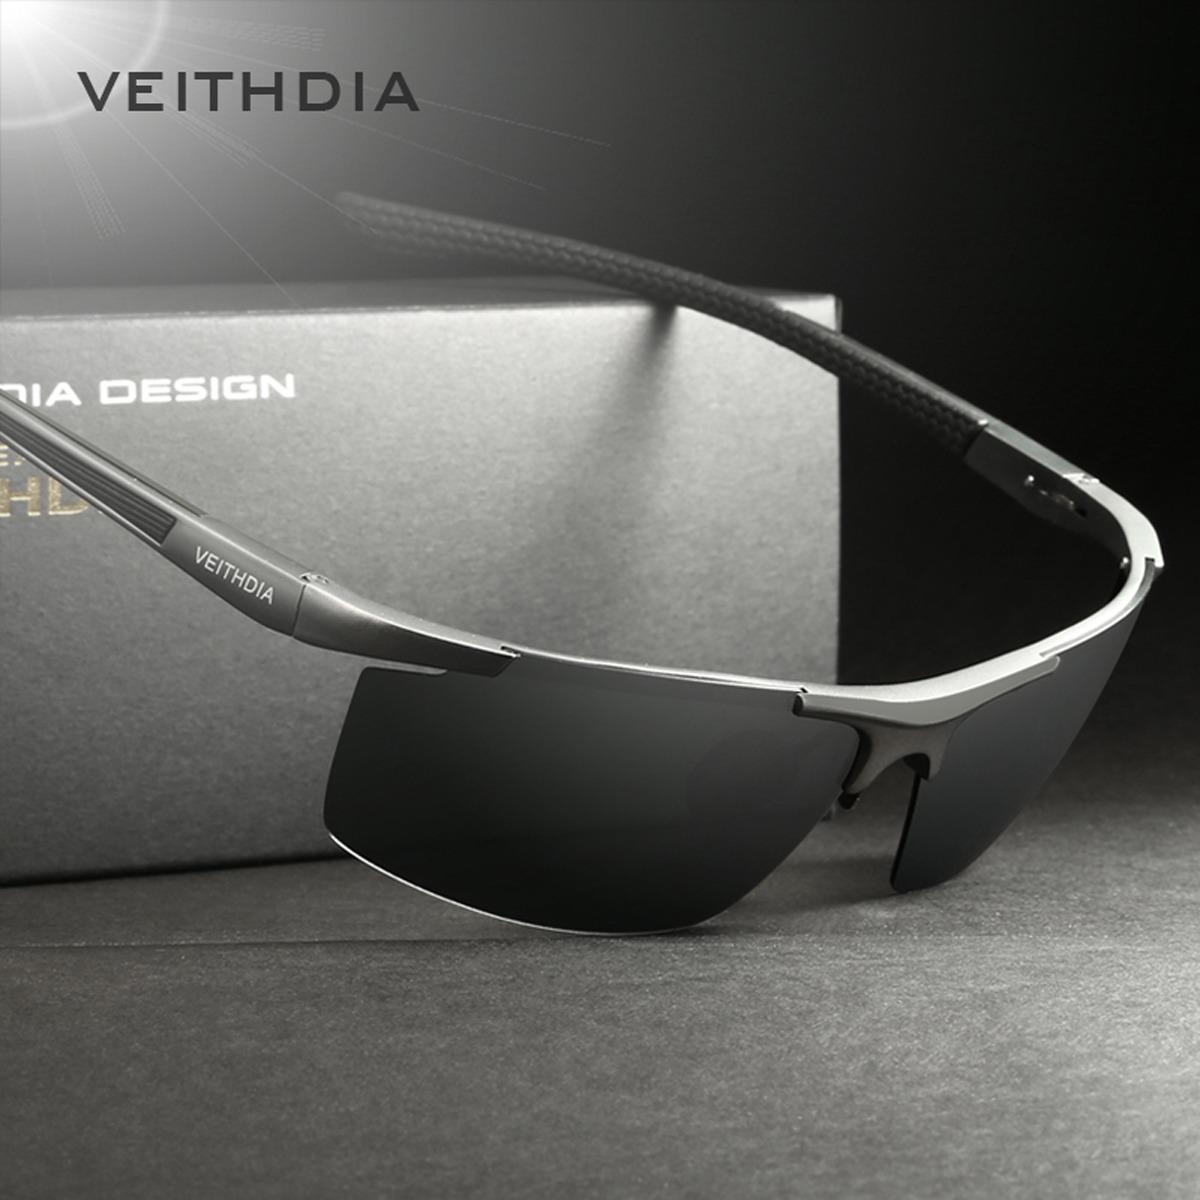 8d151378ed lentes de sol veithdia v6588 estilo deportivo polarizados uv. 9 Fotos